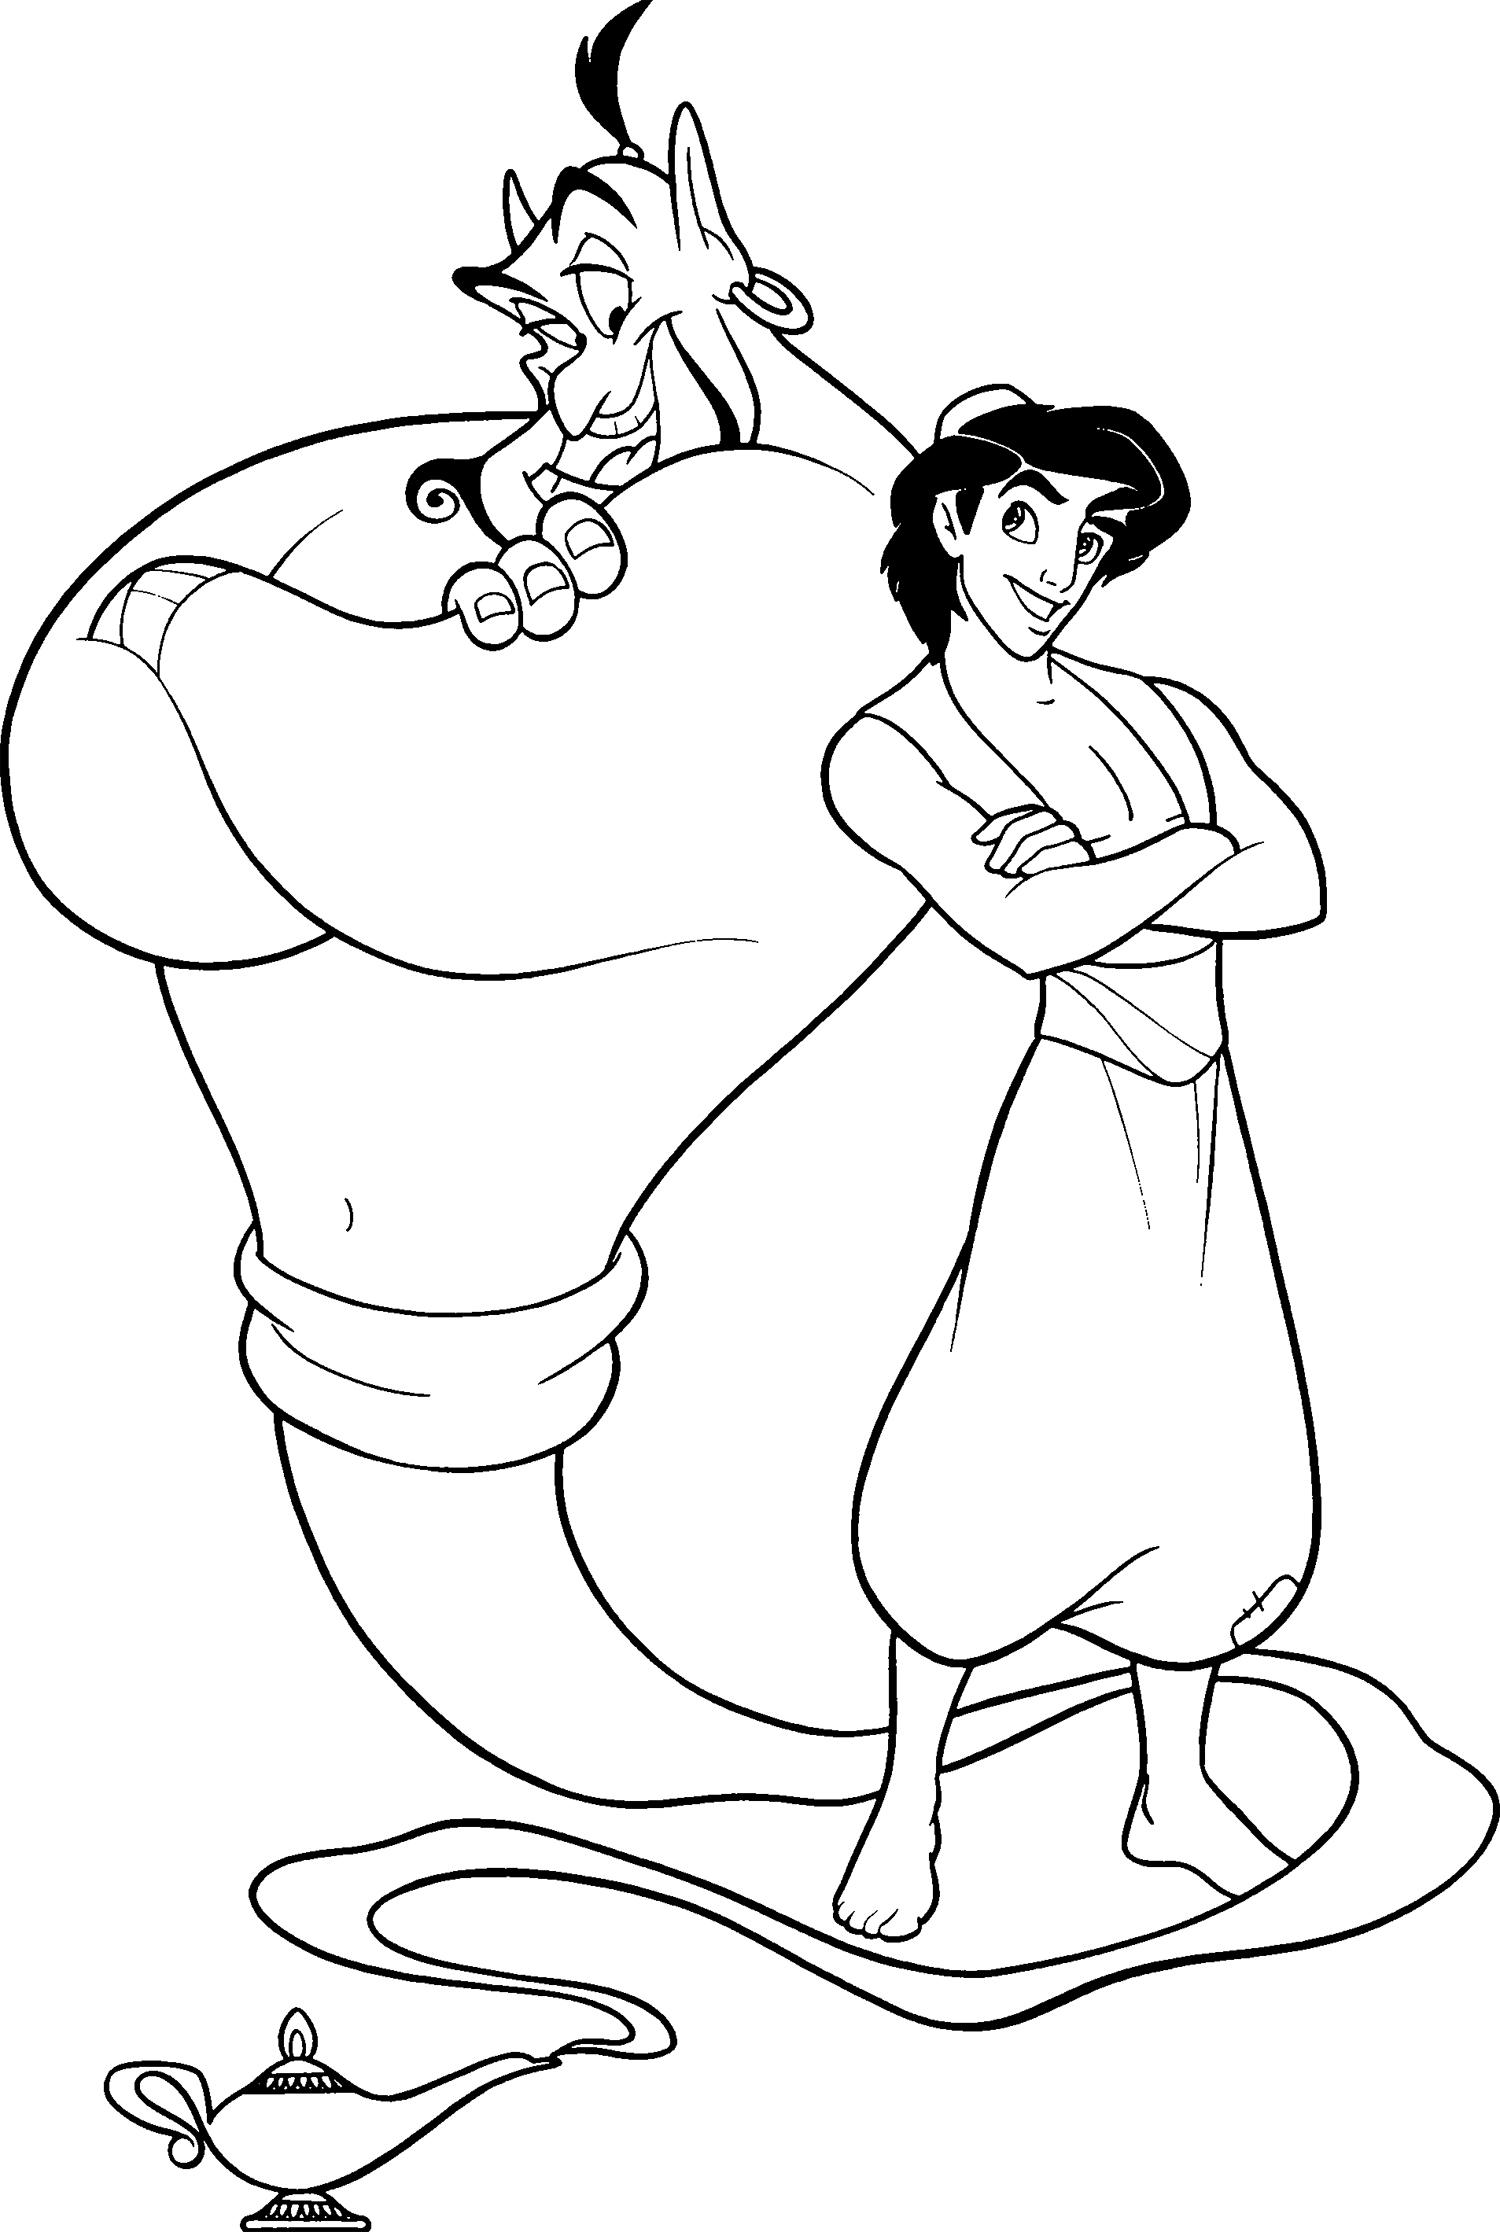 Kleurplaten Aladdin En Jasmine.Aladdin En Jasmine Kleurplaat Kleurplaat Aladdin Aladdin Kleurplaten